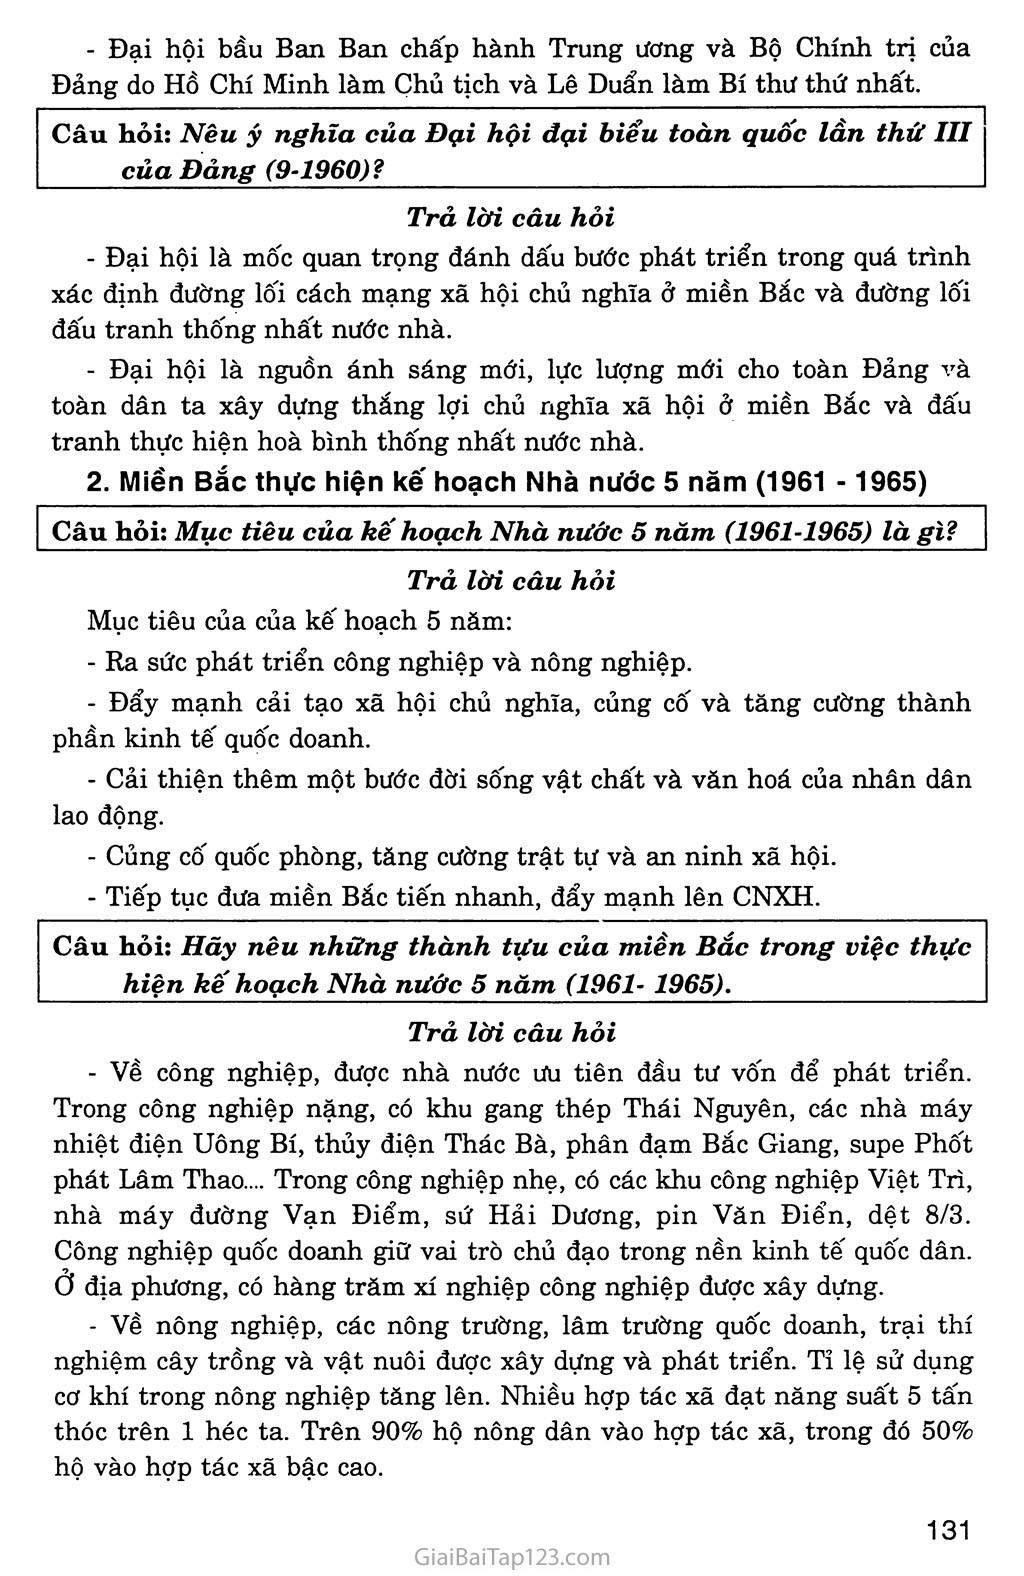 Bài 28: Xây dựng chủ nghĩa xã hội ở miền Bắc, đấu tranh chống đế quốc Mĩ và chính quyền Sài Gòn ở miền Nam (1954 - 1965) trang 7